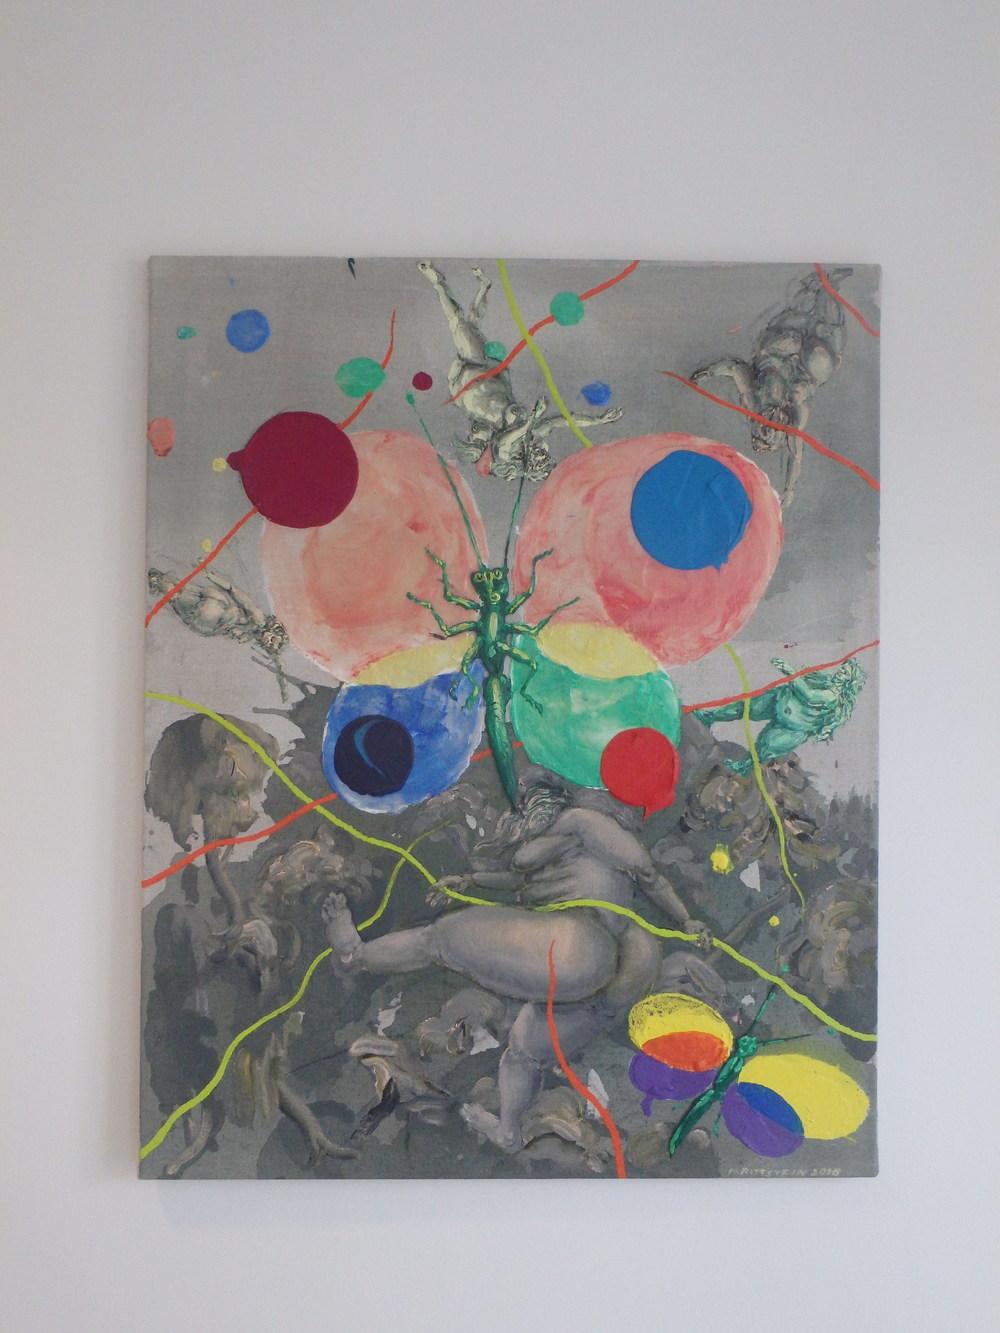 Michael Rittstein, Lehkosti motýla, 2016, plátno, akryl, 80 x 100 cm